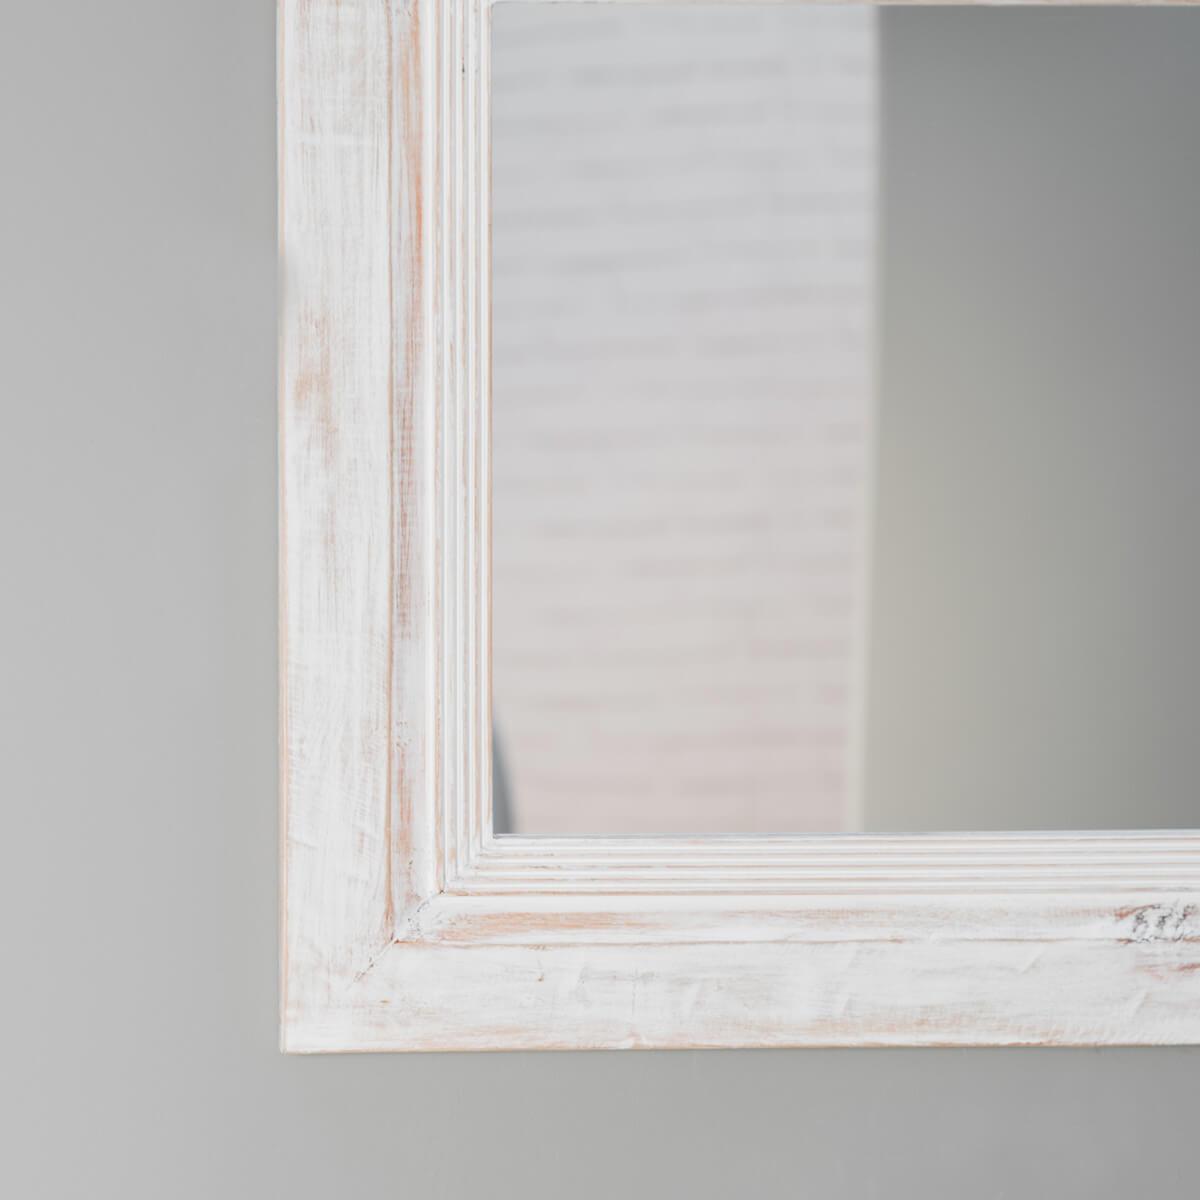 Miroir venise en bois patin c rus blanc 140cm x 80cm for Miroir bois blanc